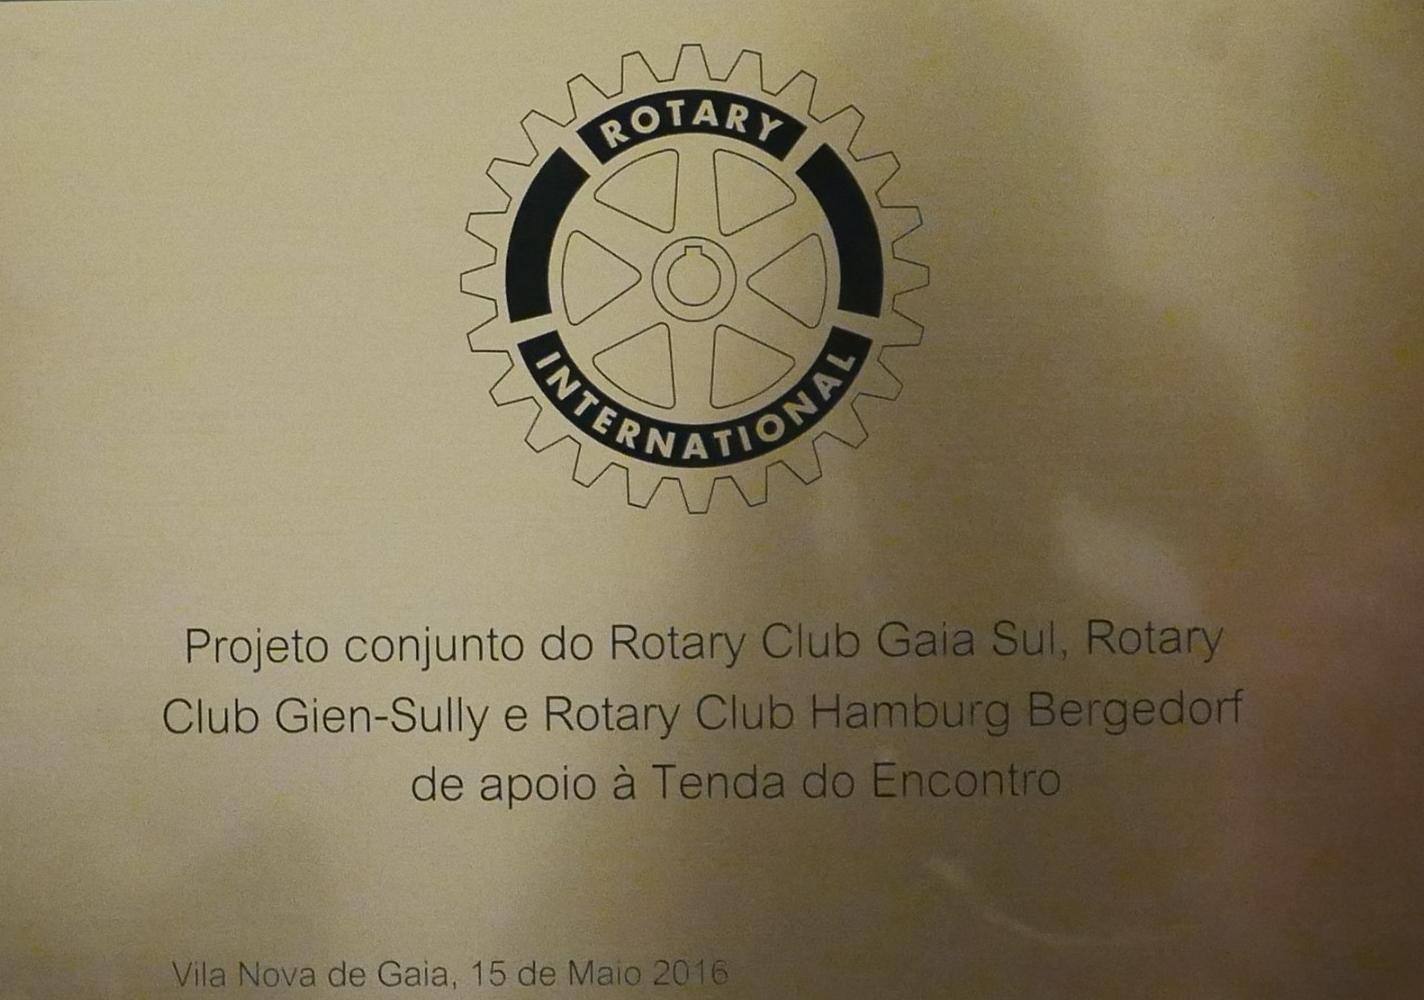 2016 05 Tenda do Encontro Gaia Sul